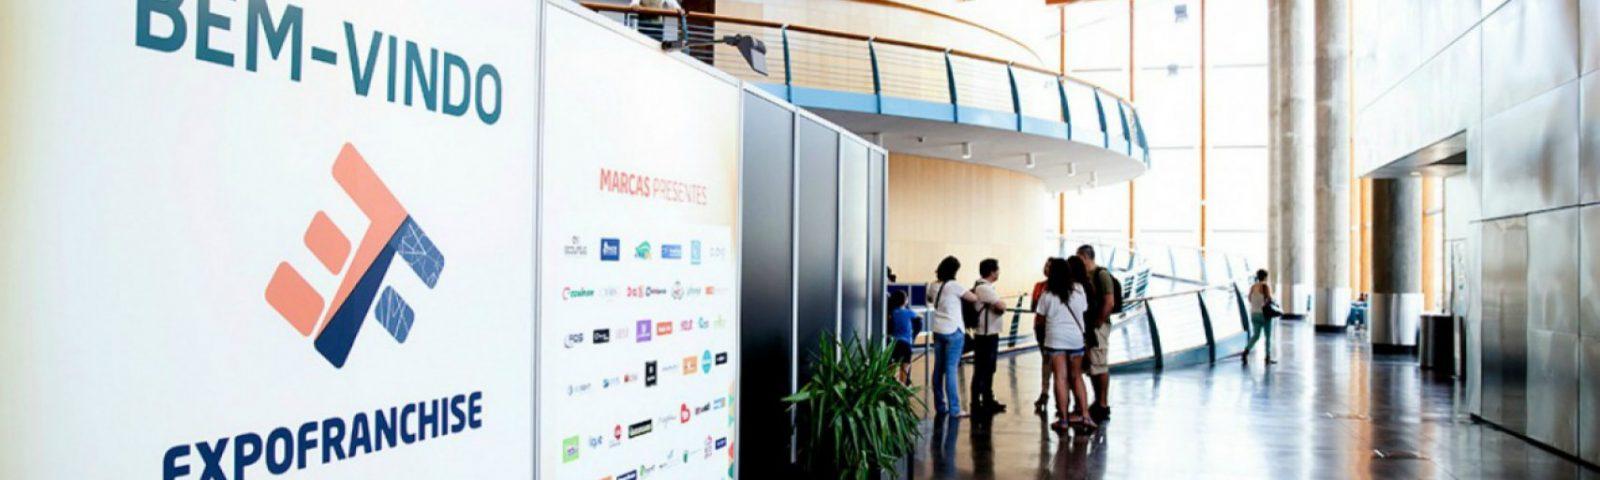 Mais de 15 setores confirmam presença na maior feira de franchising do país